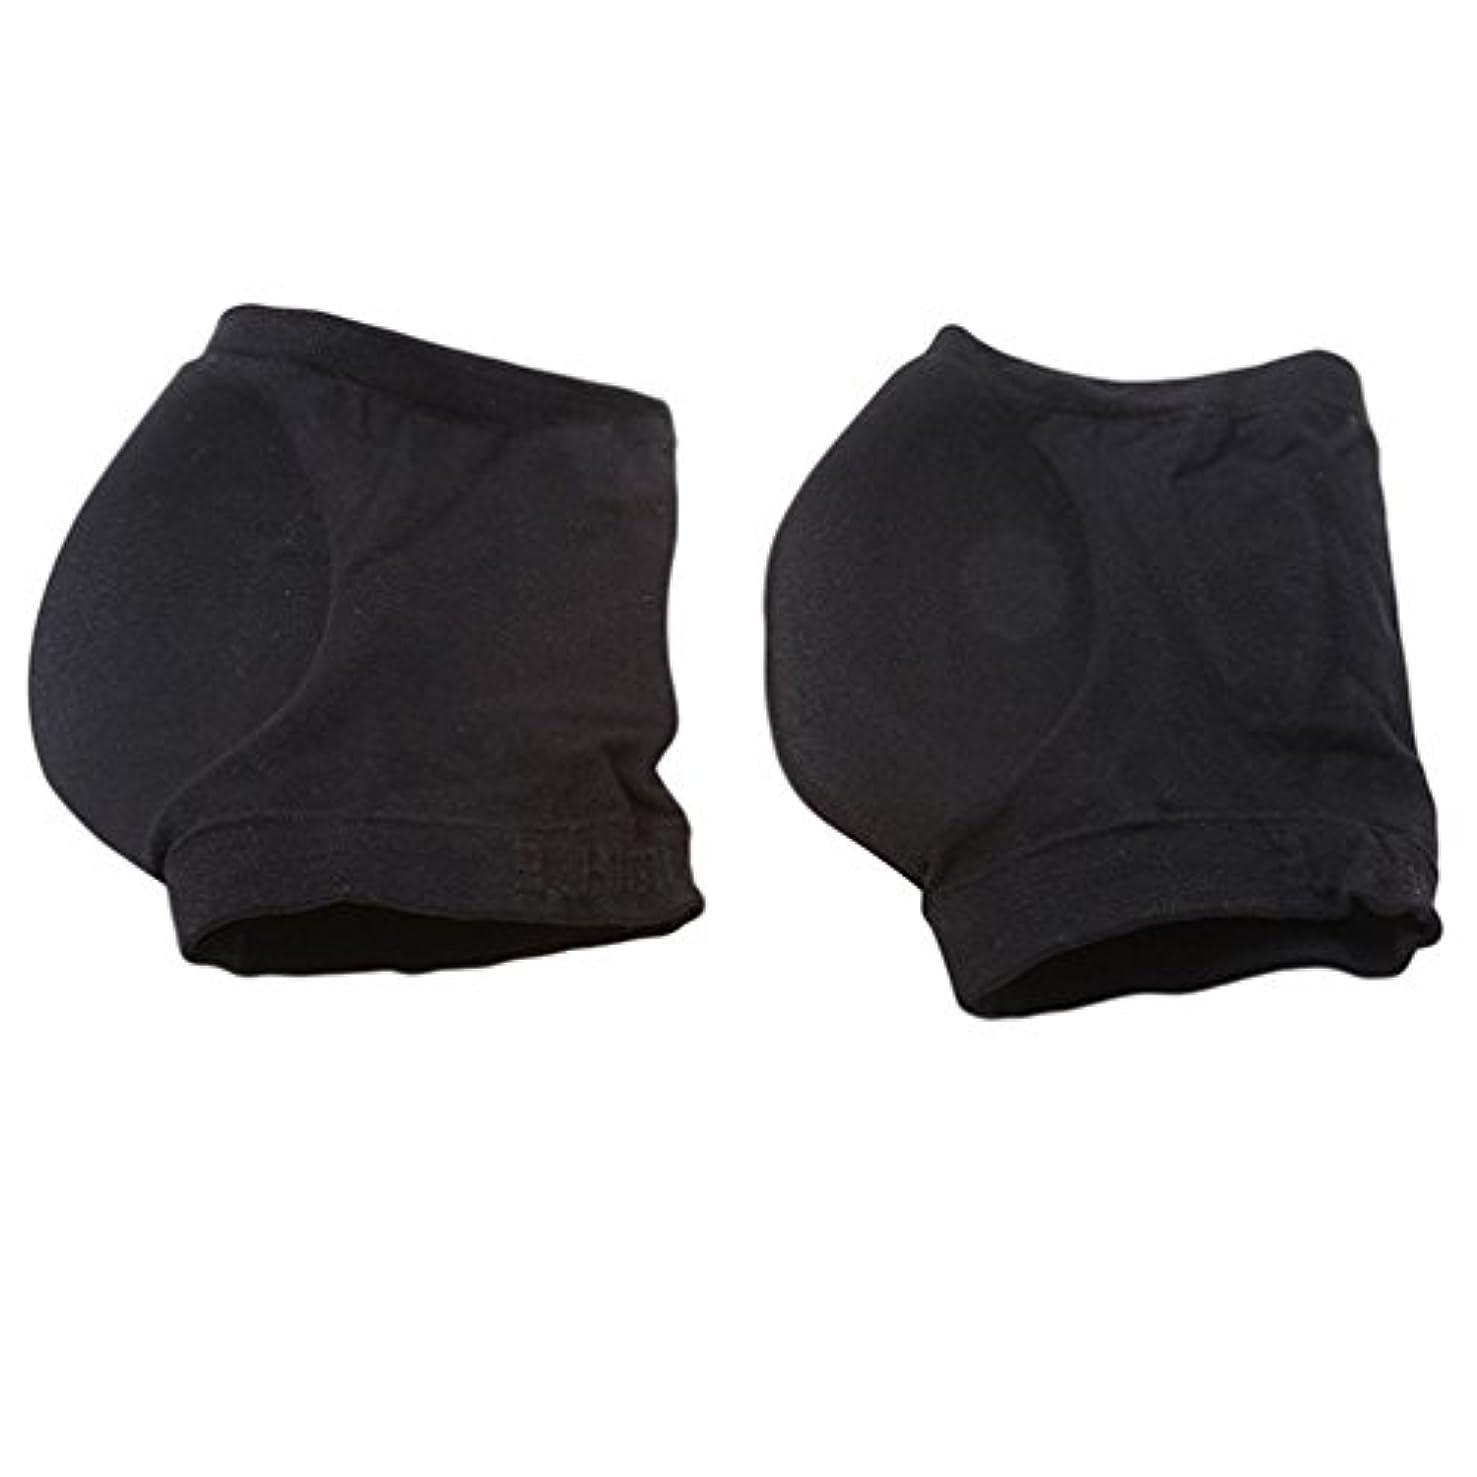 誤解を招く権威段落HKUN 靴下 ソックス かかとケア 角質ケア 保湿 角質除去 足首用 洗える メンズ レディース S-L